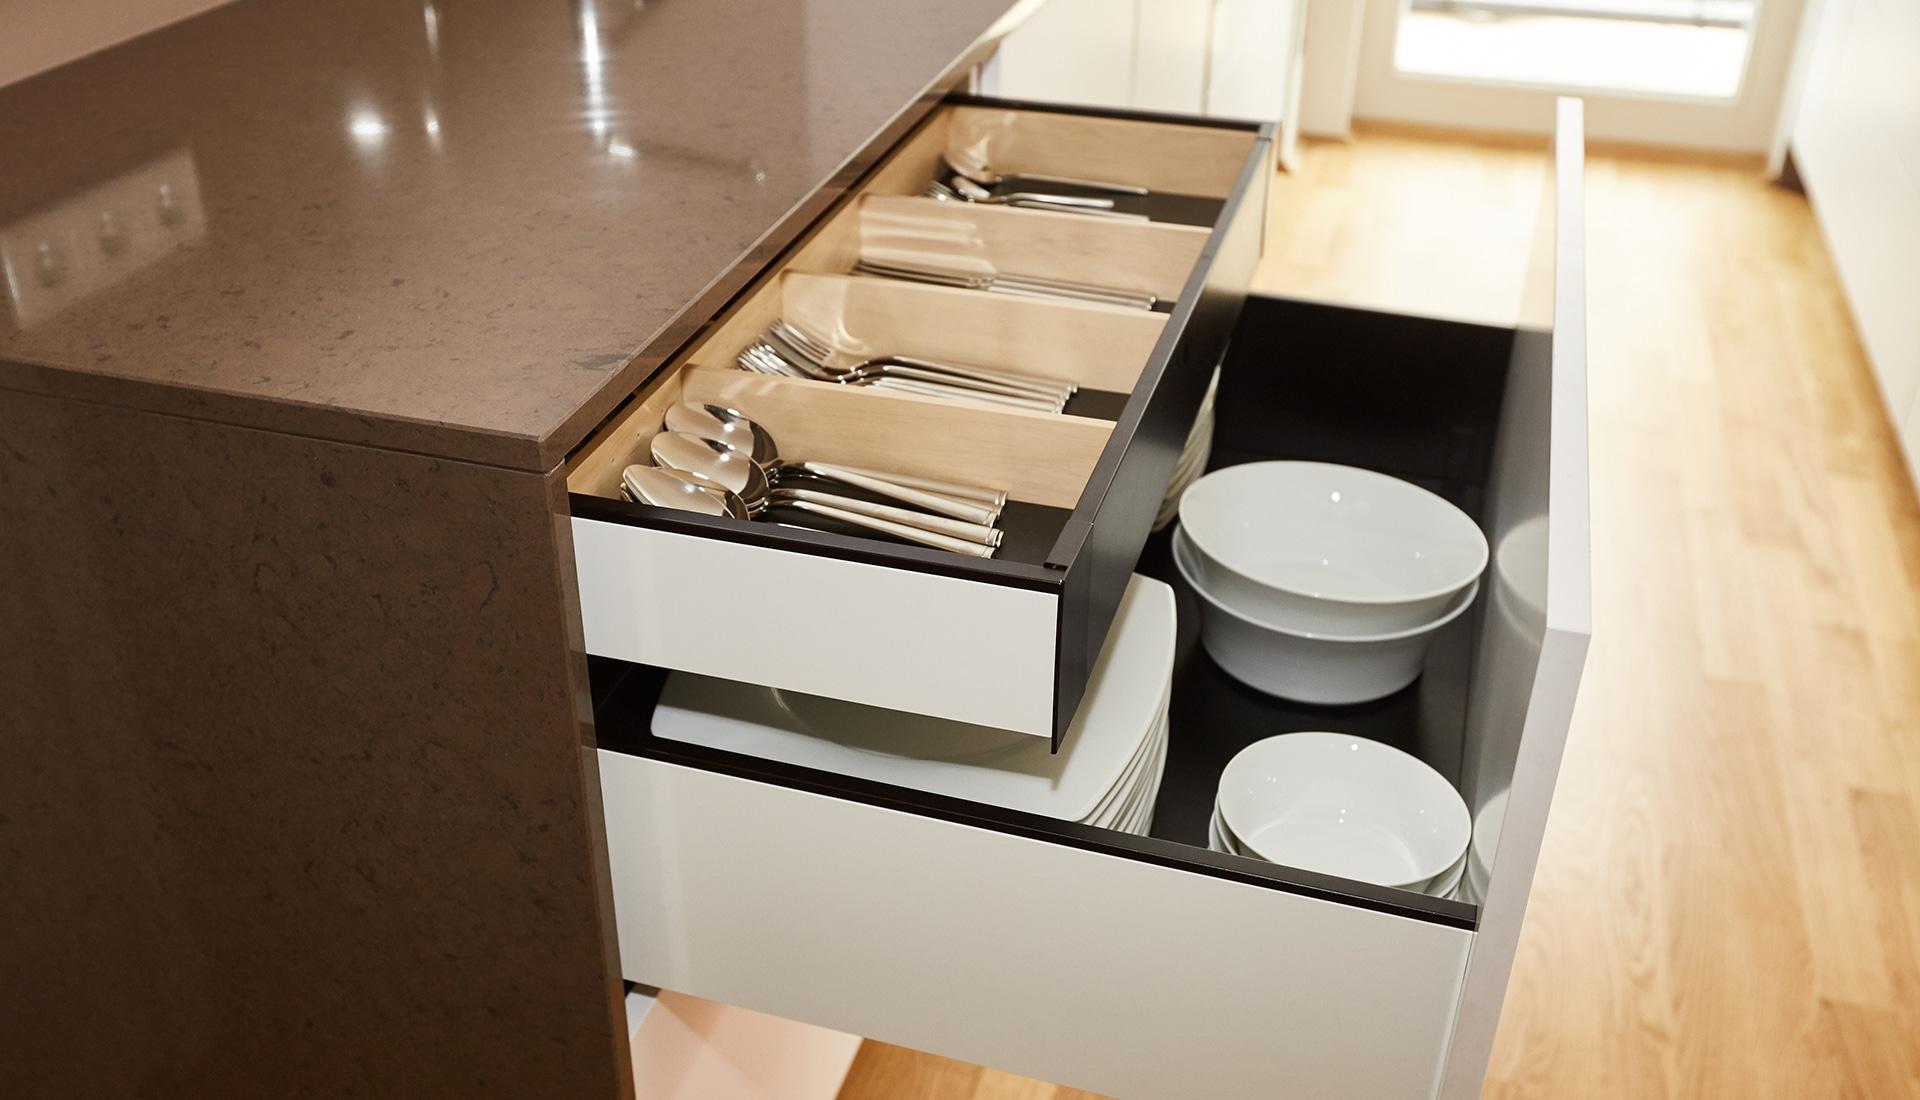 Ungewöhnlich Freie Küche Entwirft Fotos Zeitgenössisch ...